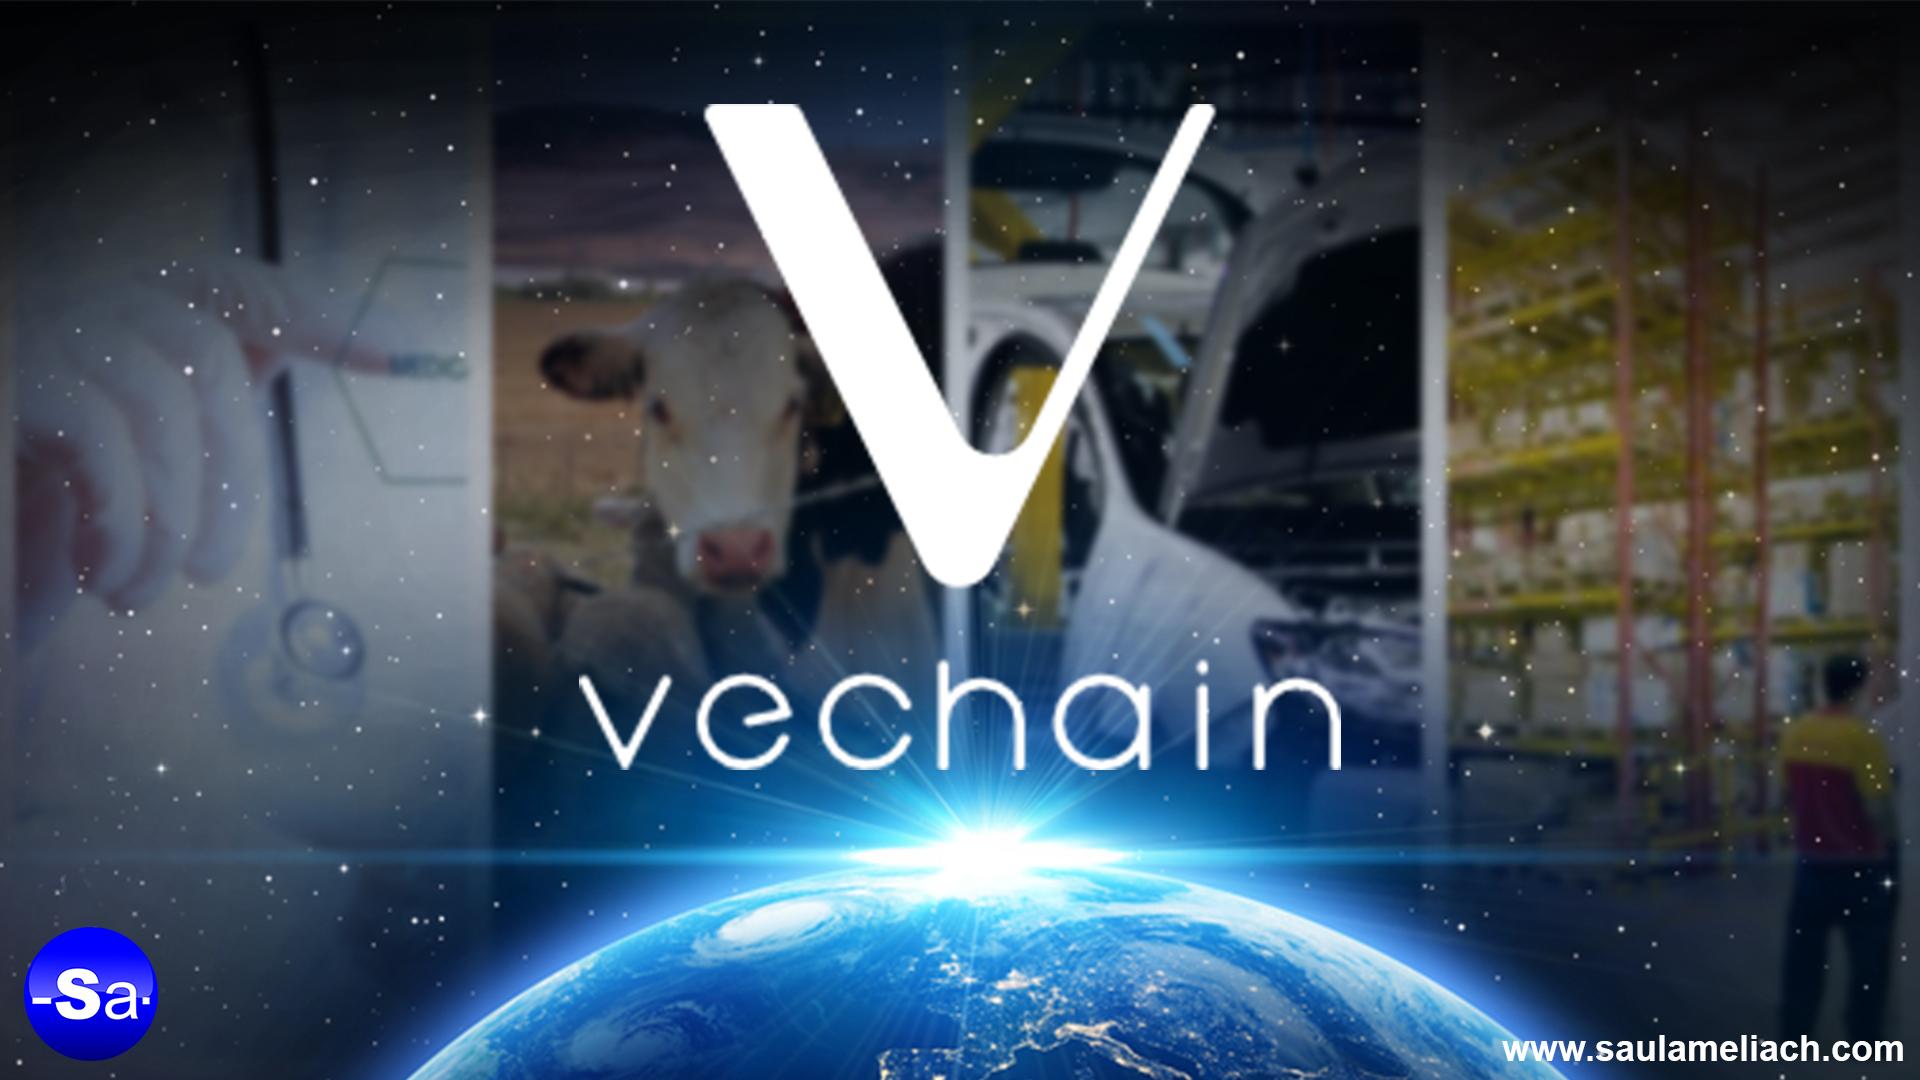 VeChain saul ameliach